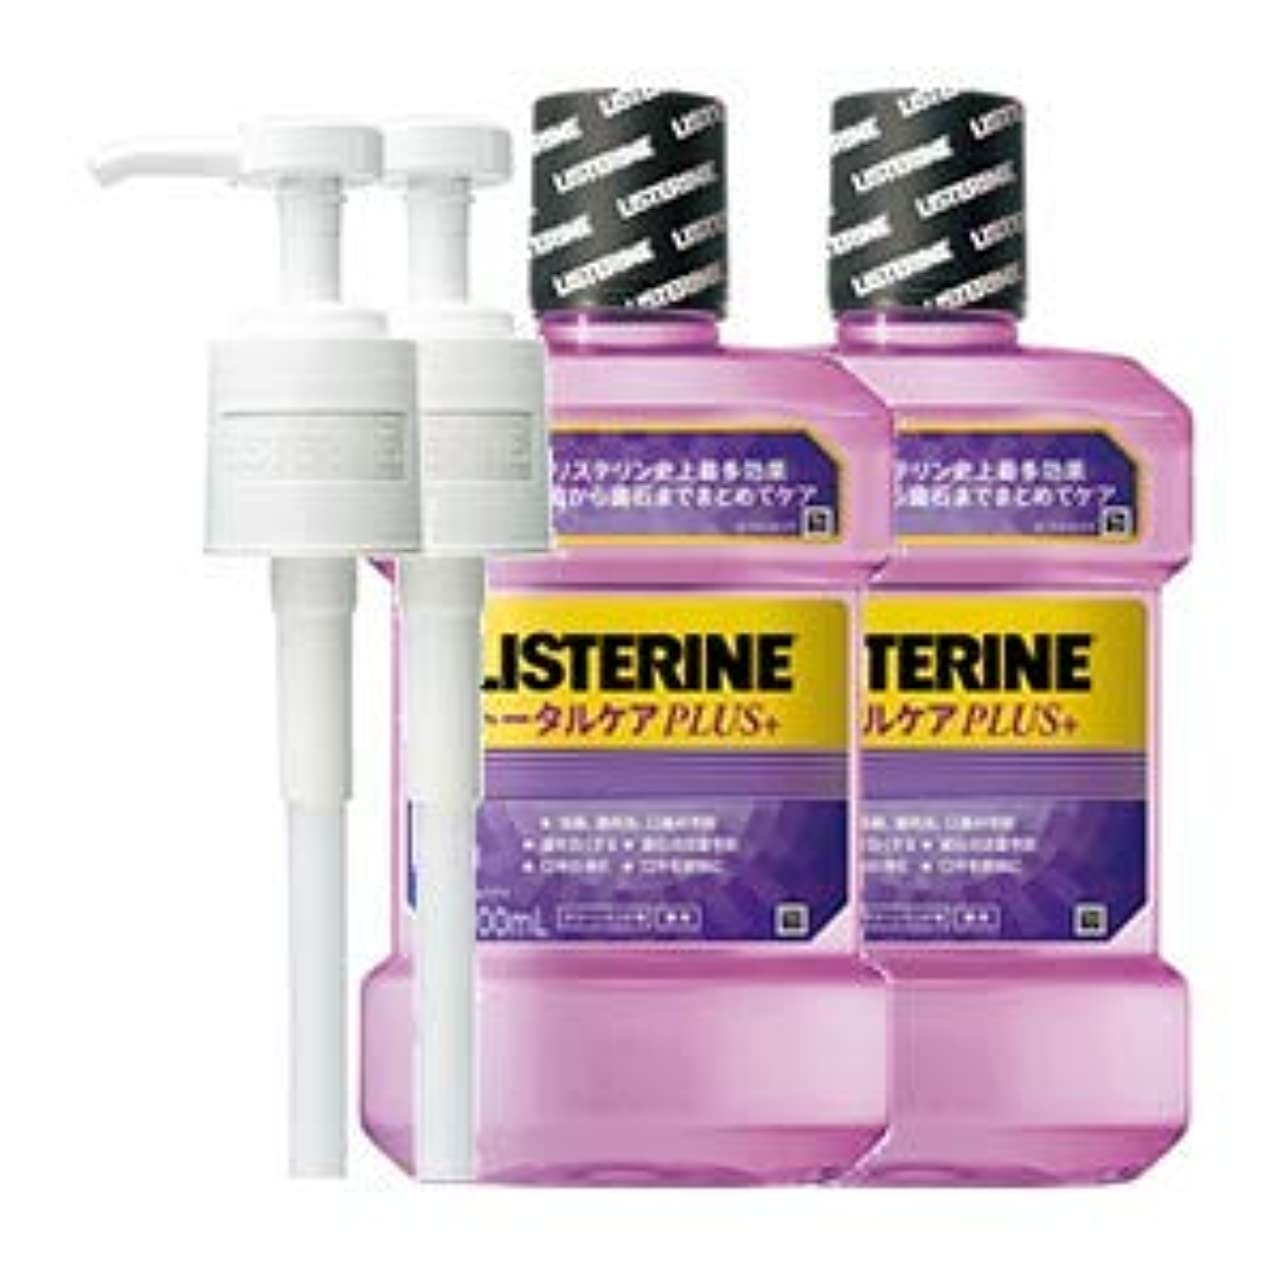 軽減する批判するトリップ薬用リステリン トータルケアプラス (液体歯磨) 1000mL 2点セット (ポンプ付)